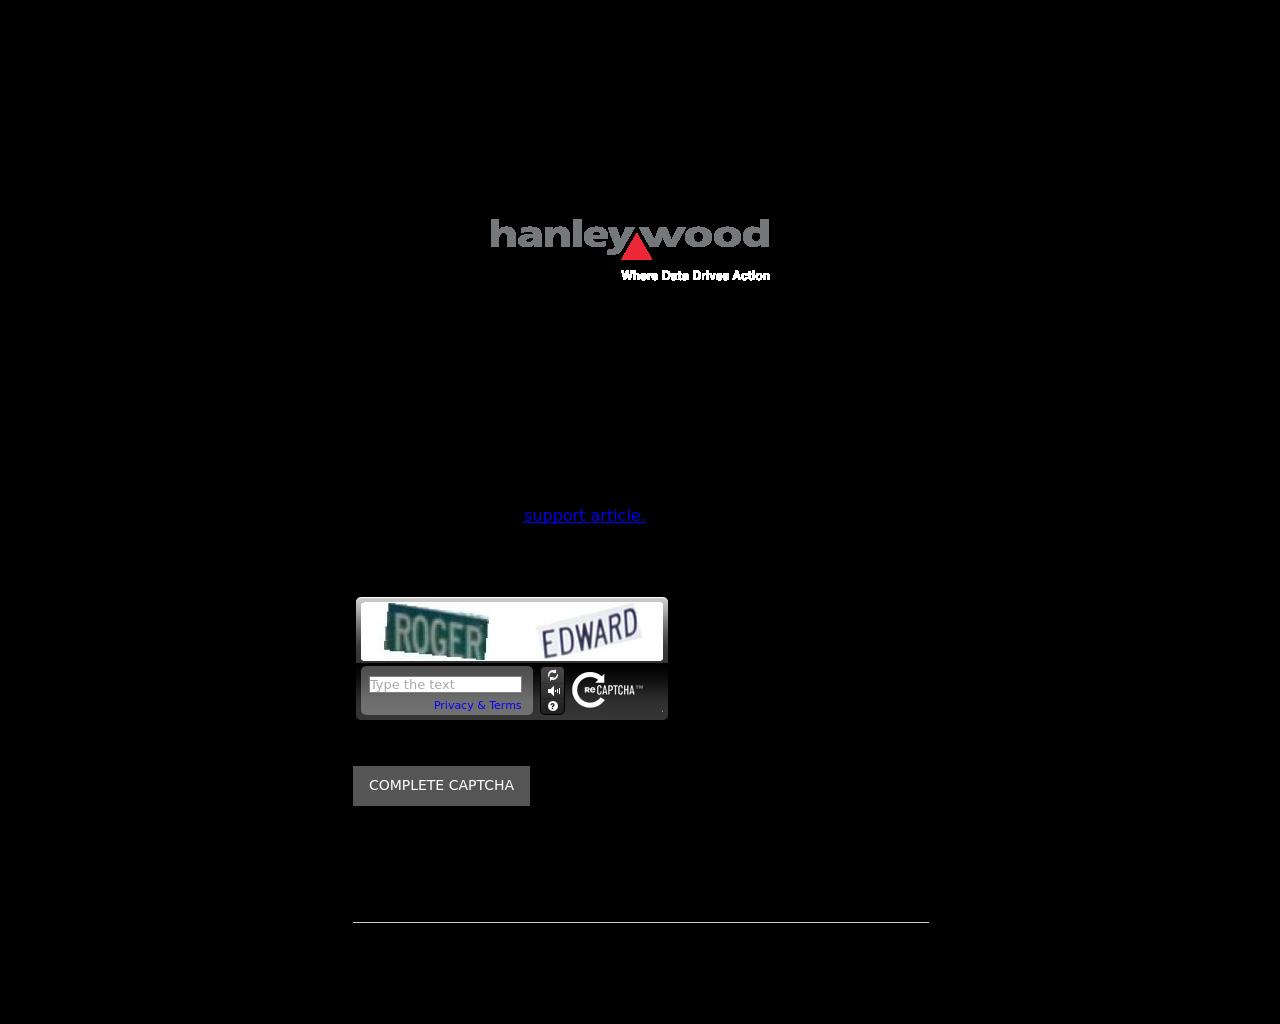 Hanley-Wood-Advertising-Reviews-Pricing